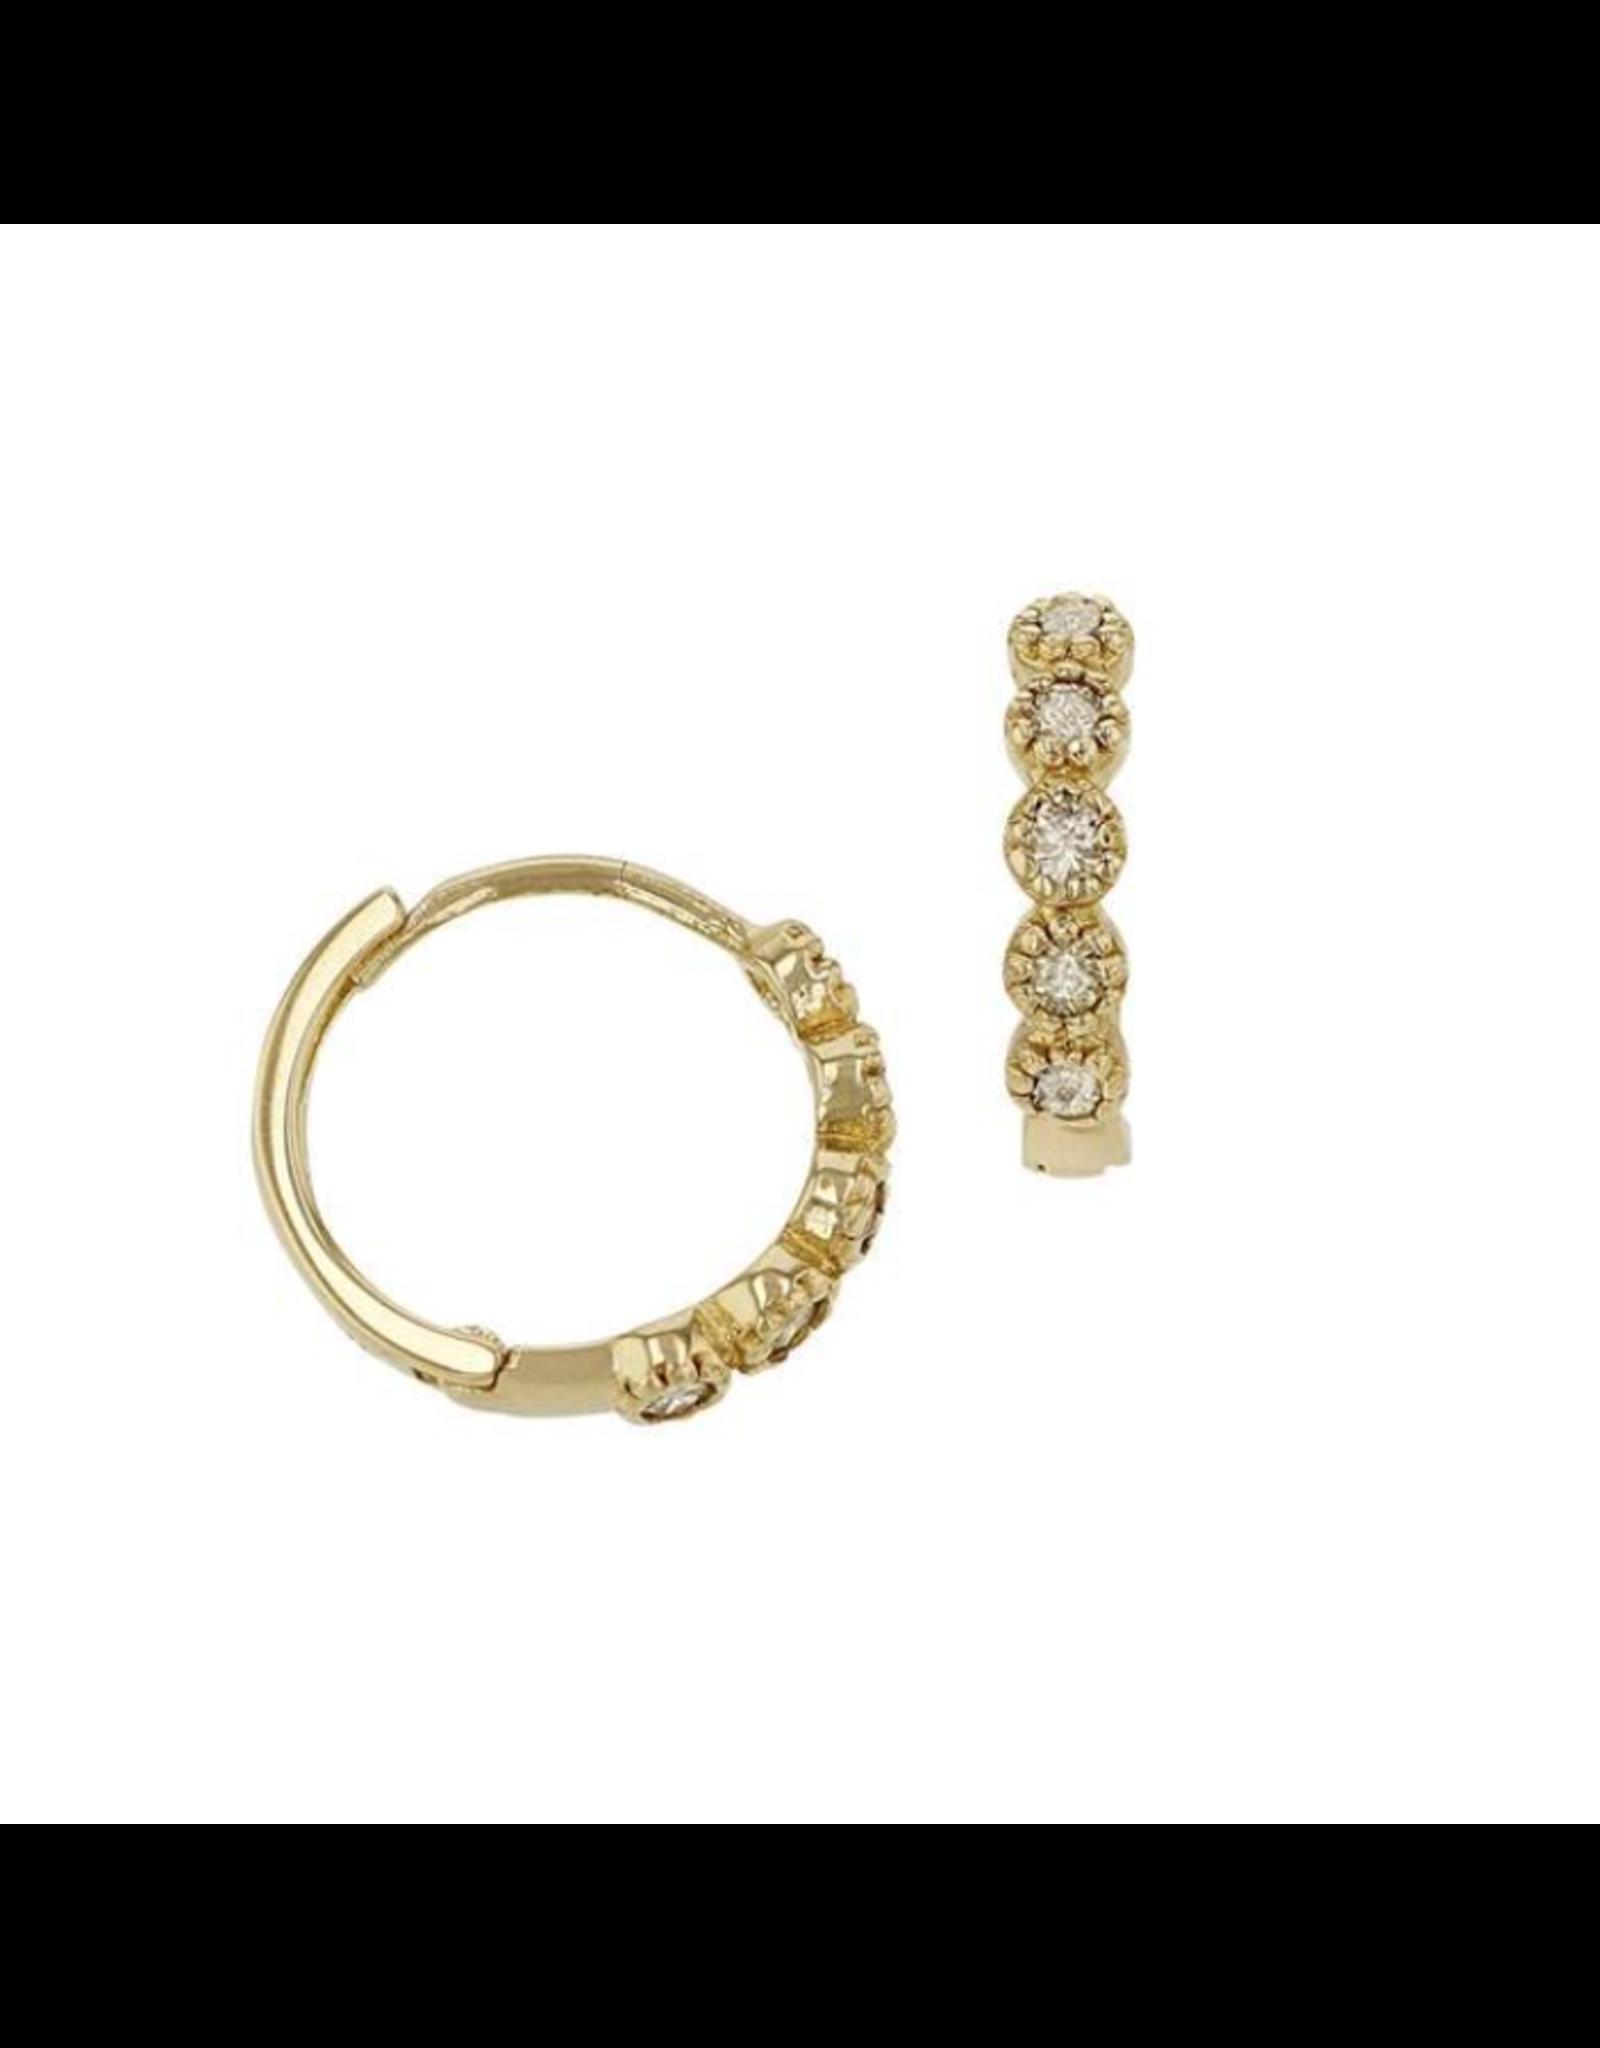 Bo Gold Oorbellen - Goud - Diamantjes